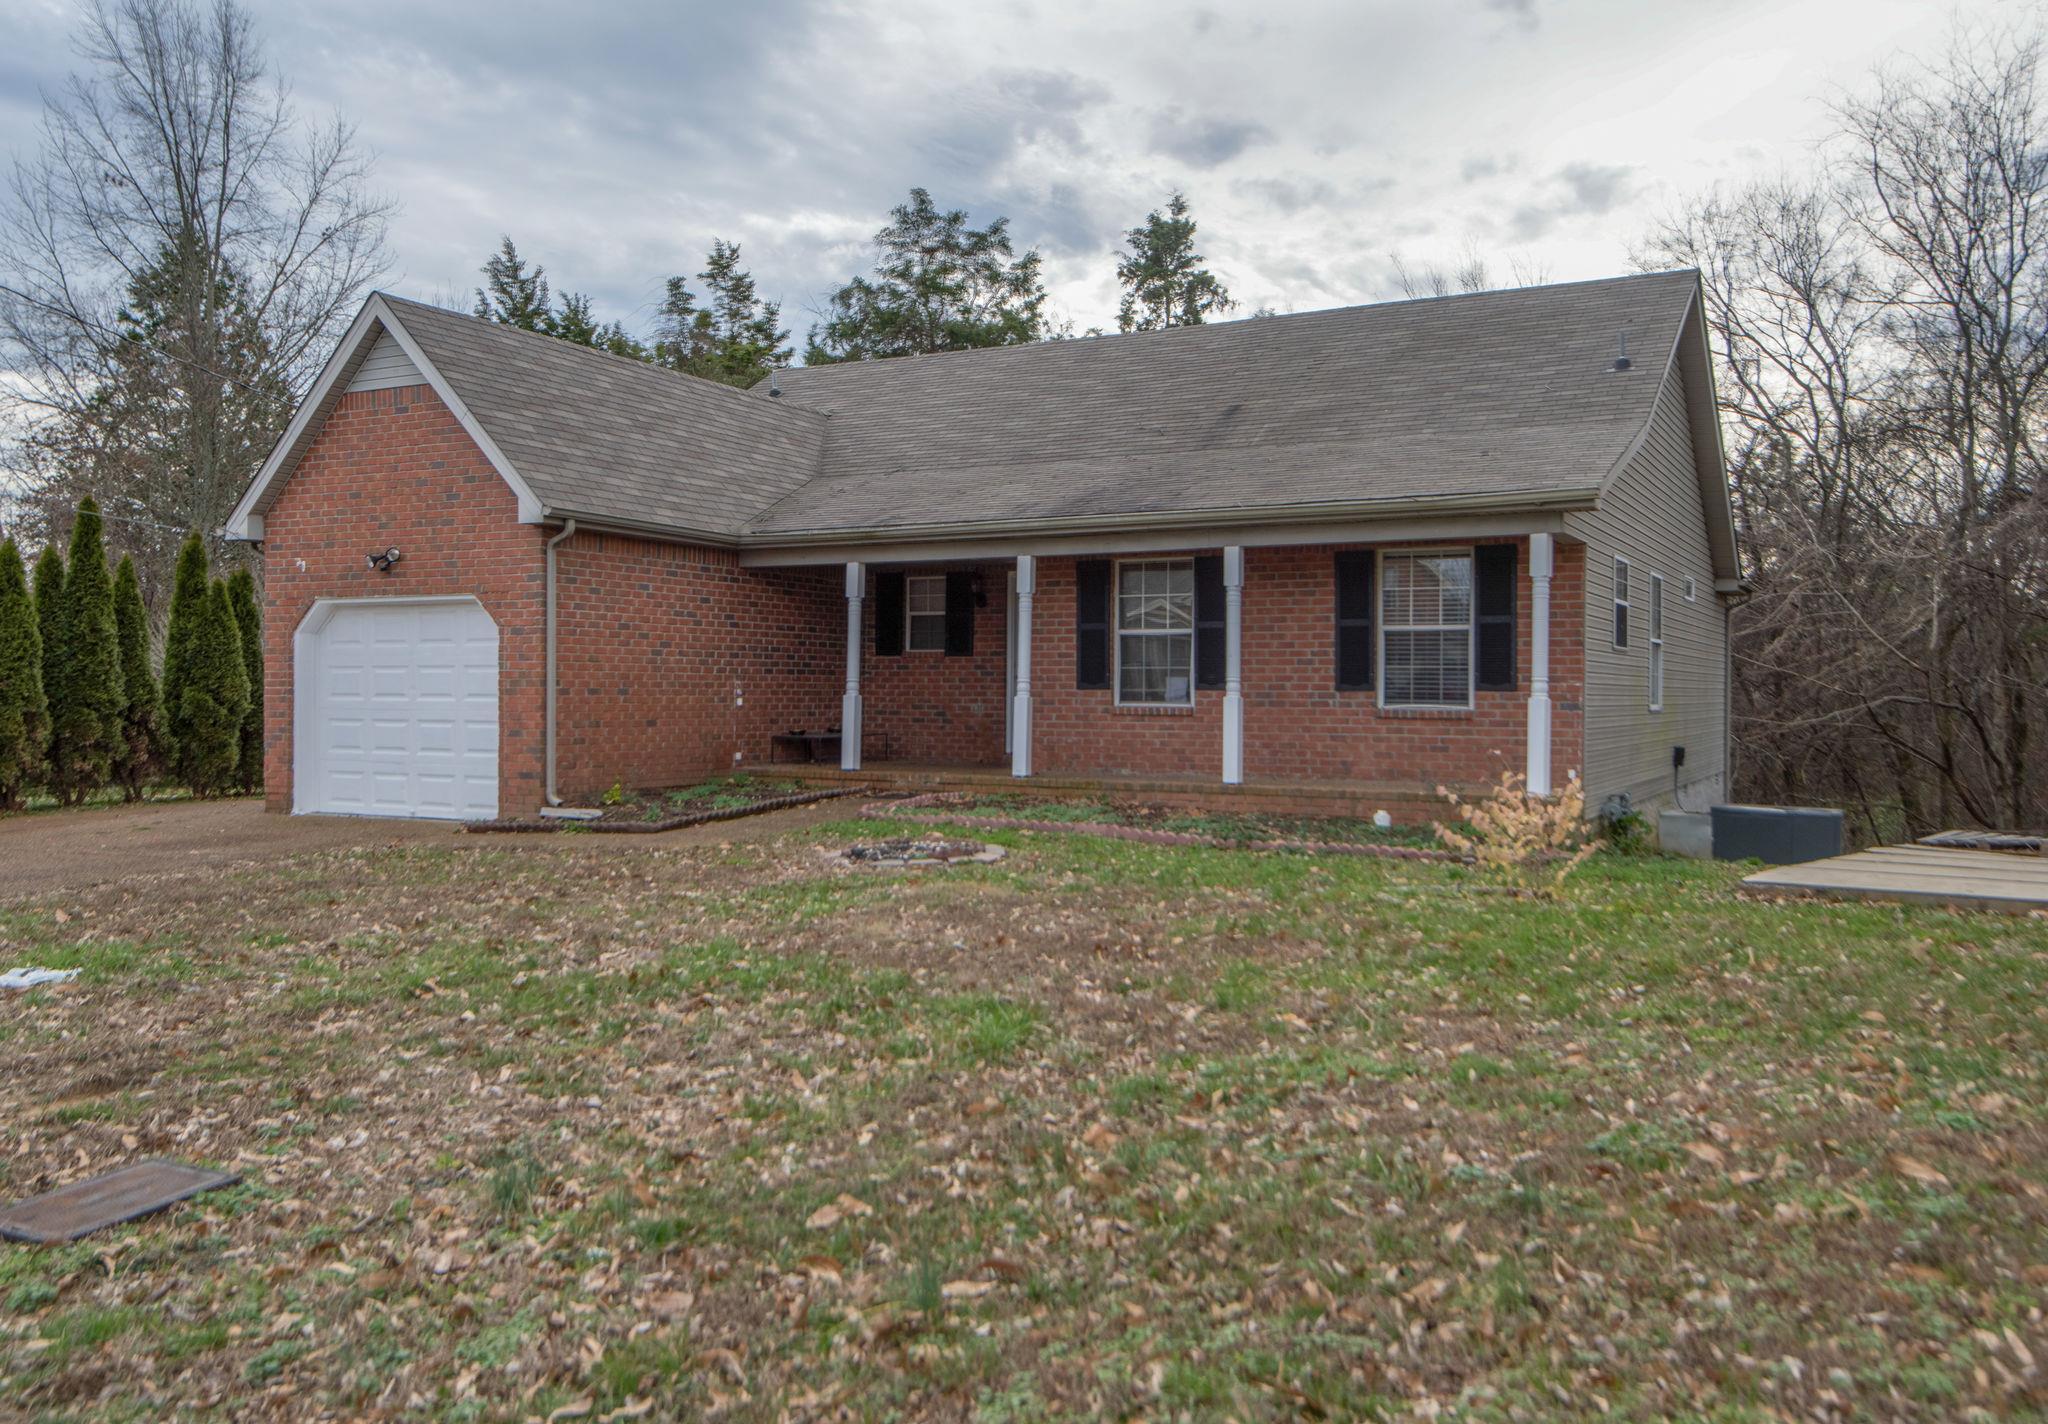 1404 Clapham Ct, Antioch, TN 37013 - Antioch, TN real estate listing